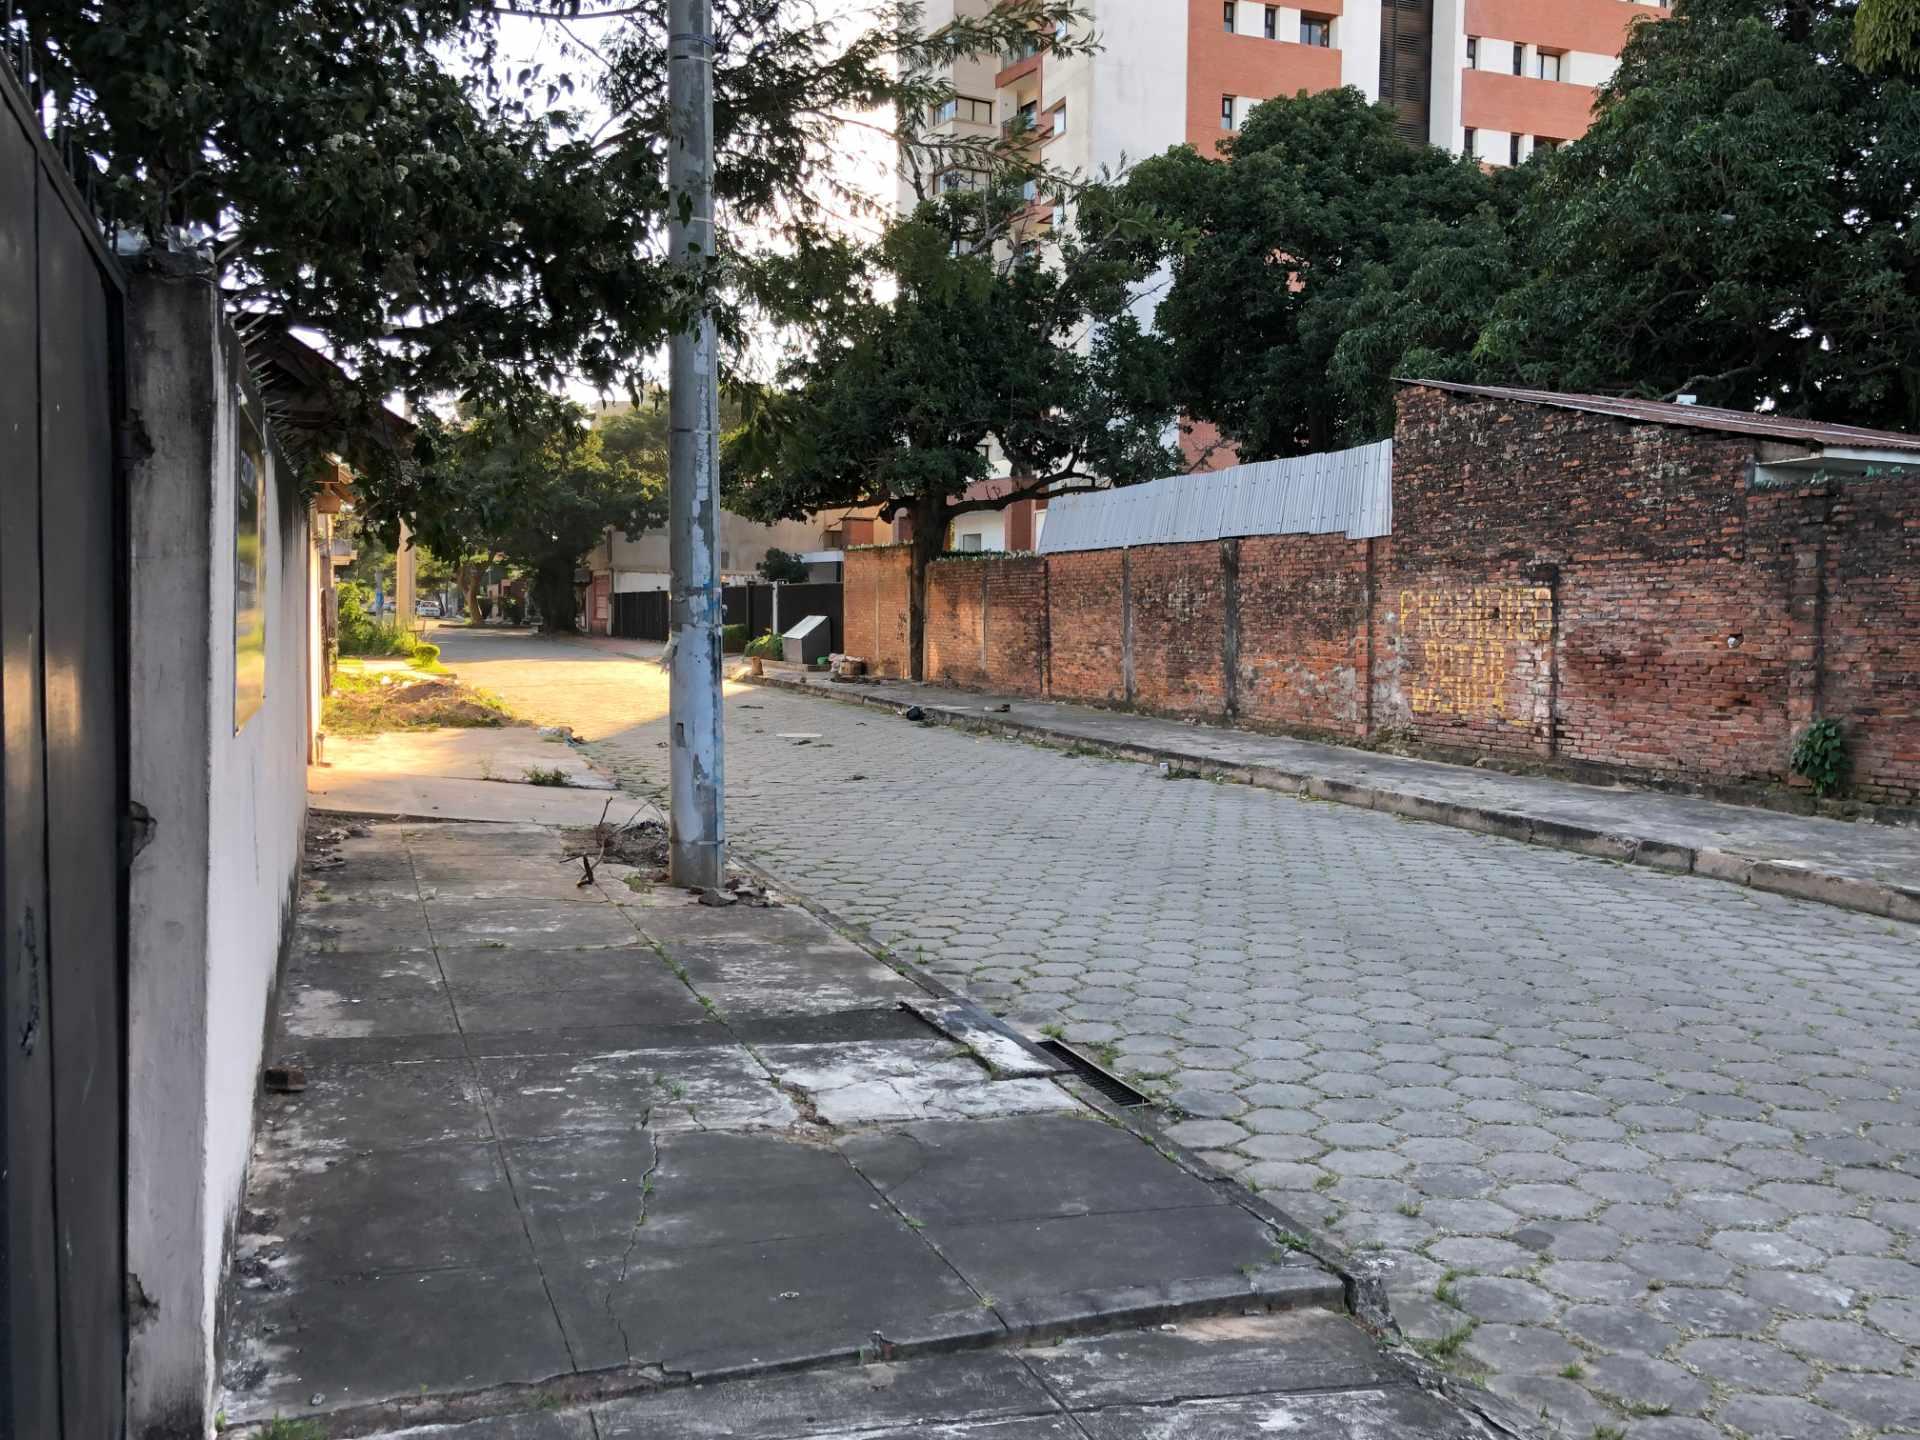 Terreno en Venta Calle El Fuerte s/n, zona barrio Los Choferes (al lado del Hostal Jodanga) Foto 2